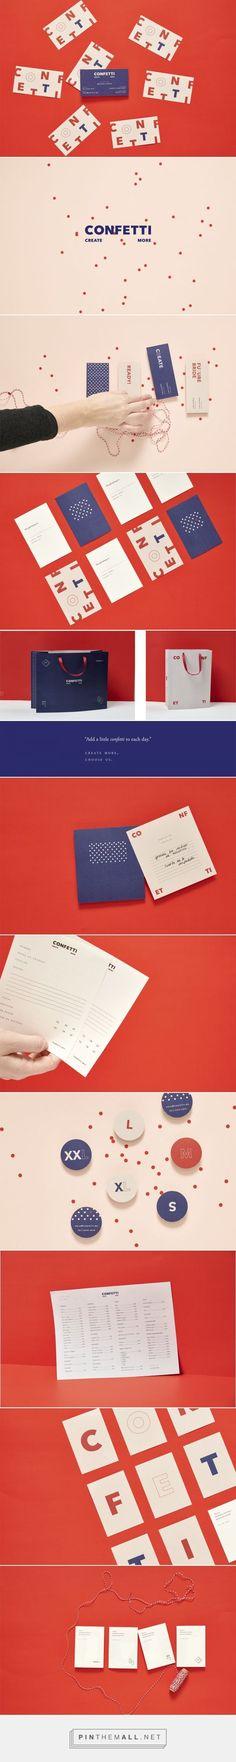 Confetti — Emblema Design Studio